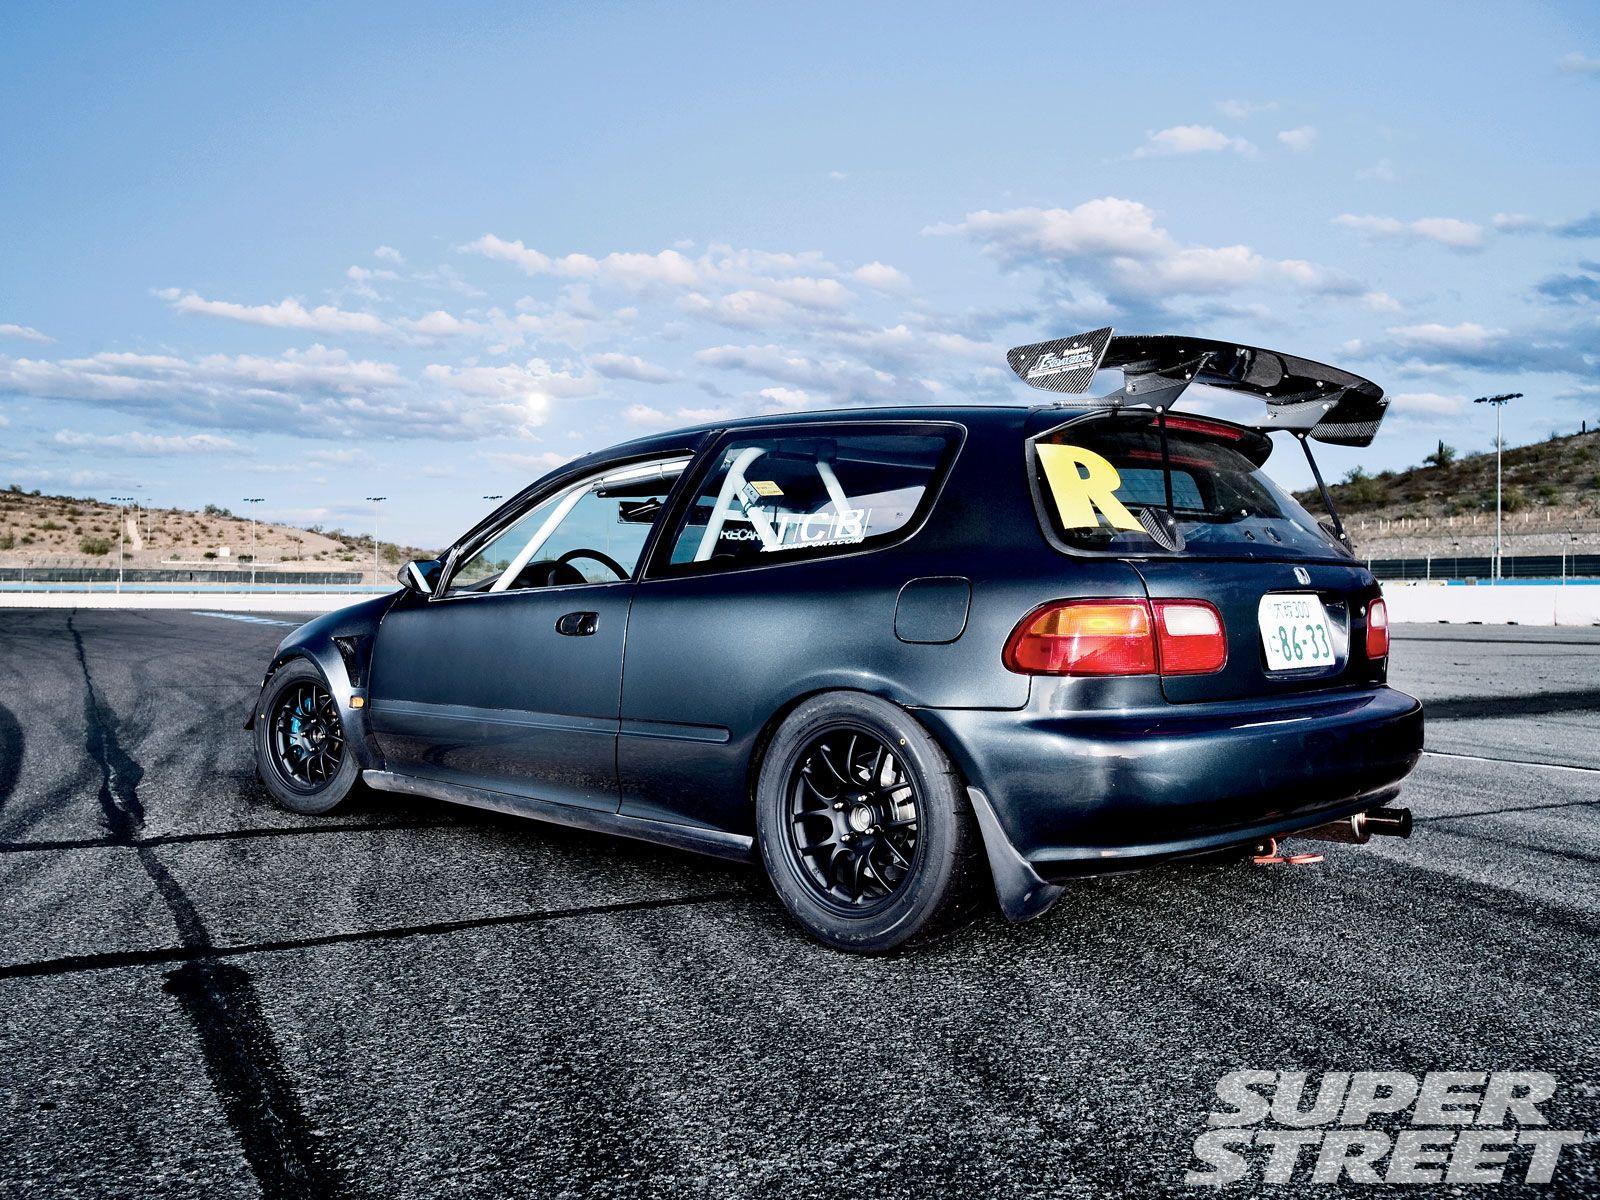 1992 Honda Civic Cx Side Shot Honda Civic Honda Civic Hatchback Civic Eg